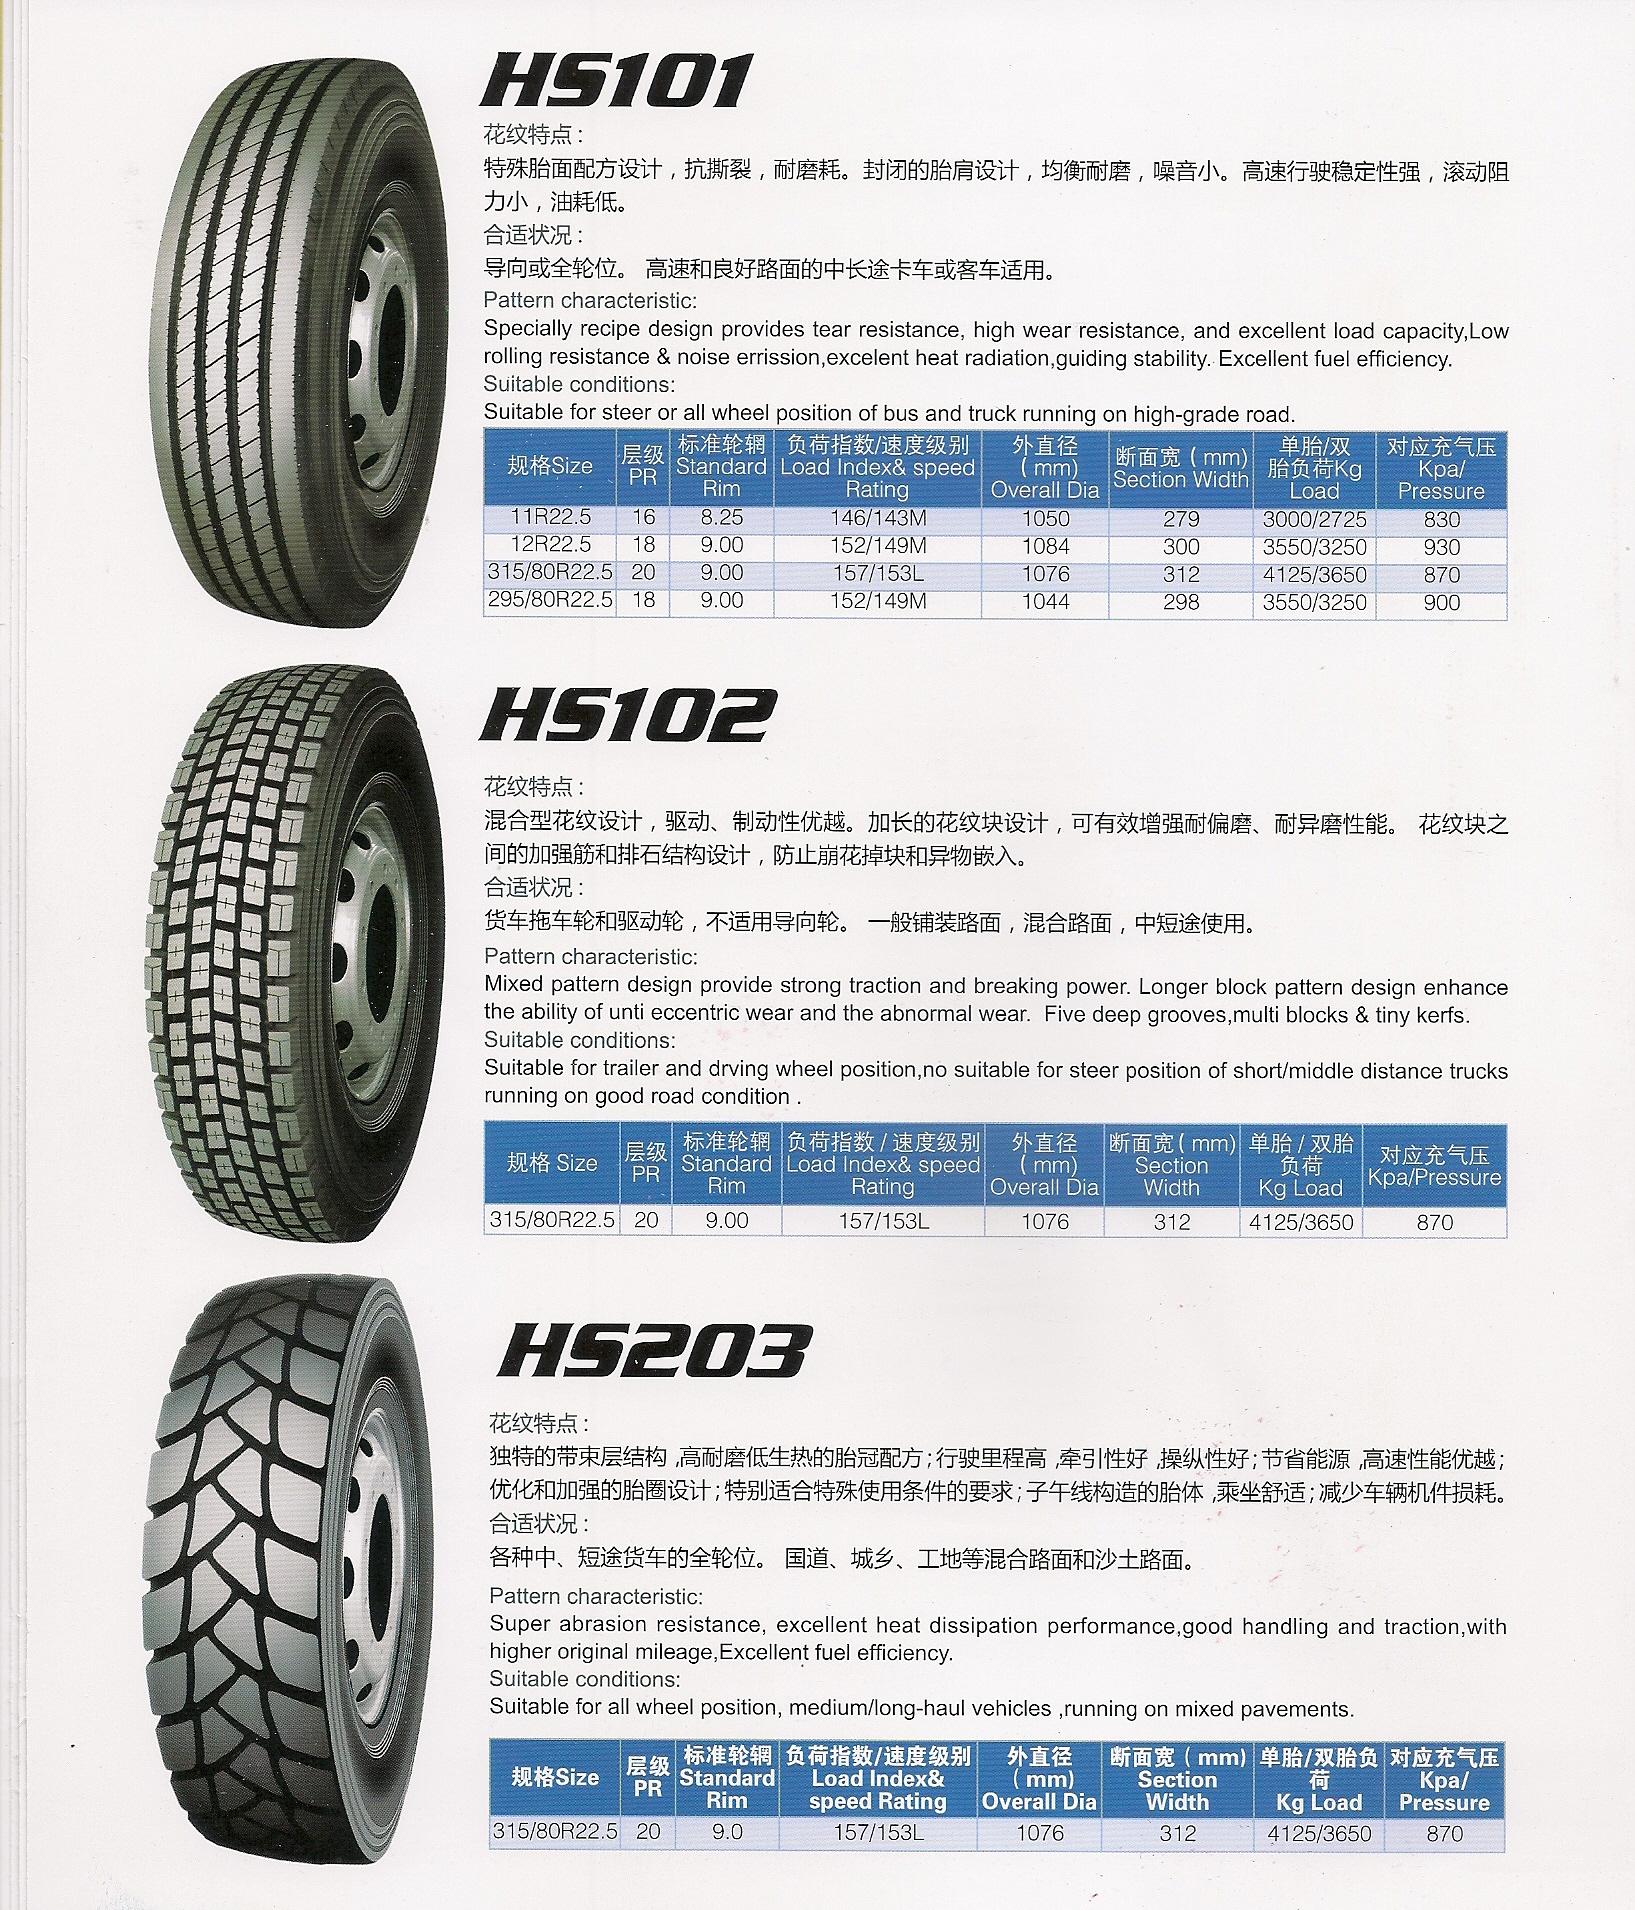 HS107 004 53 mm/18 mm 3SLQBl